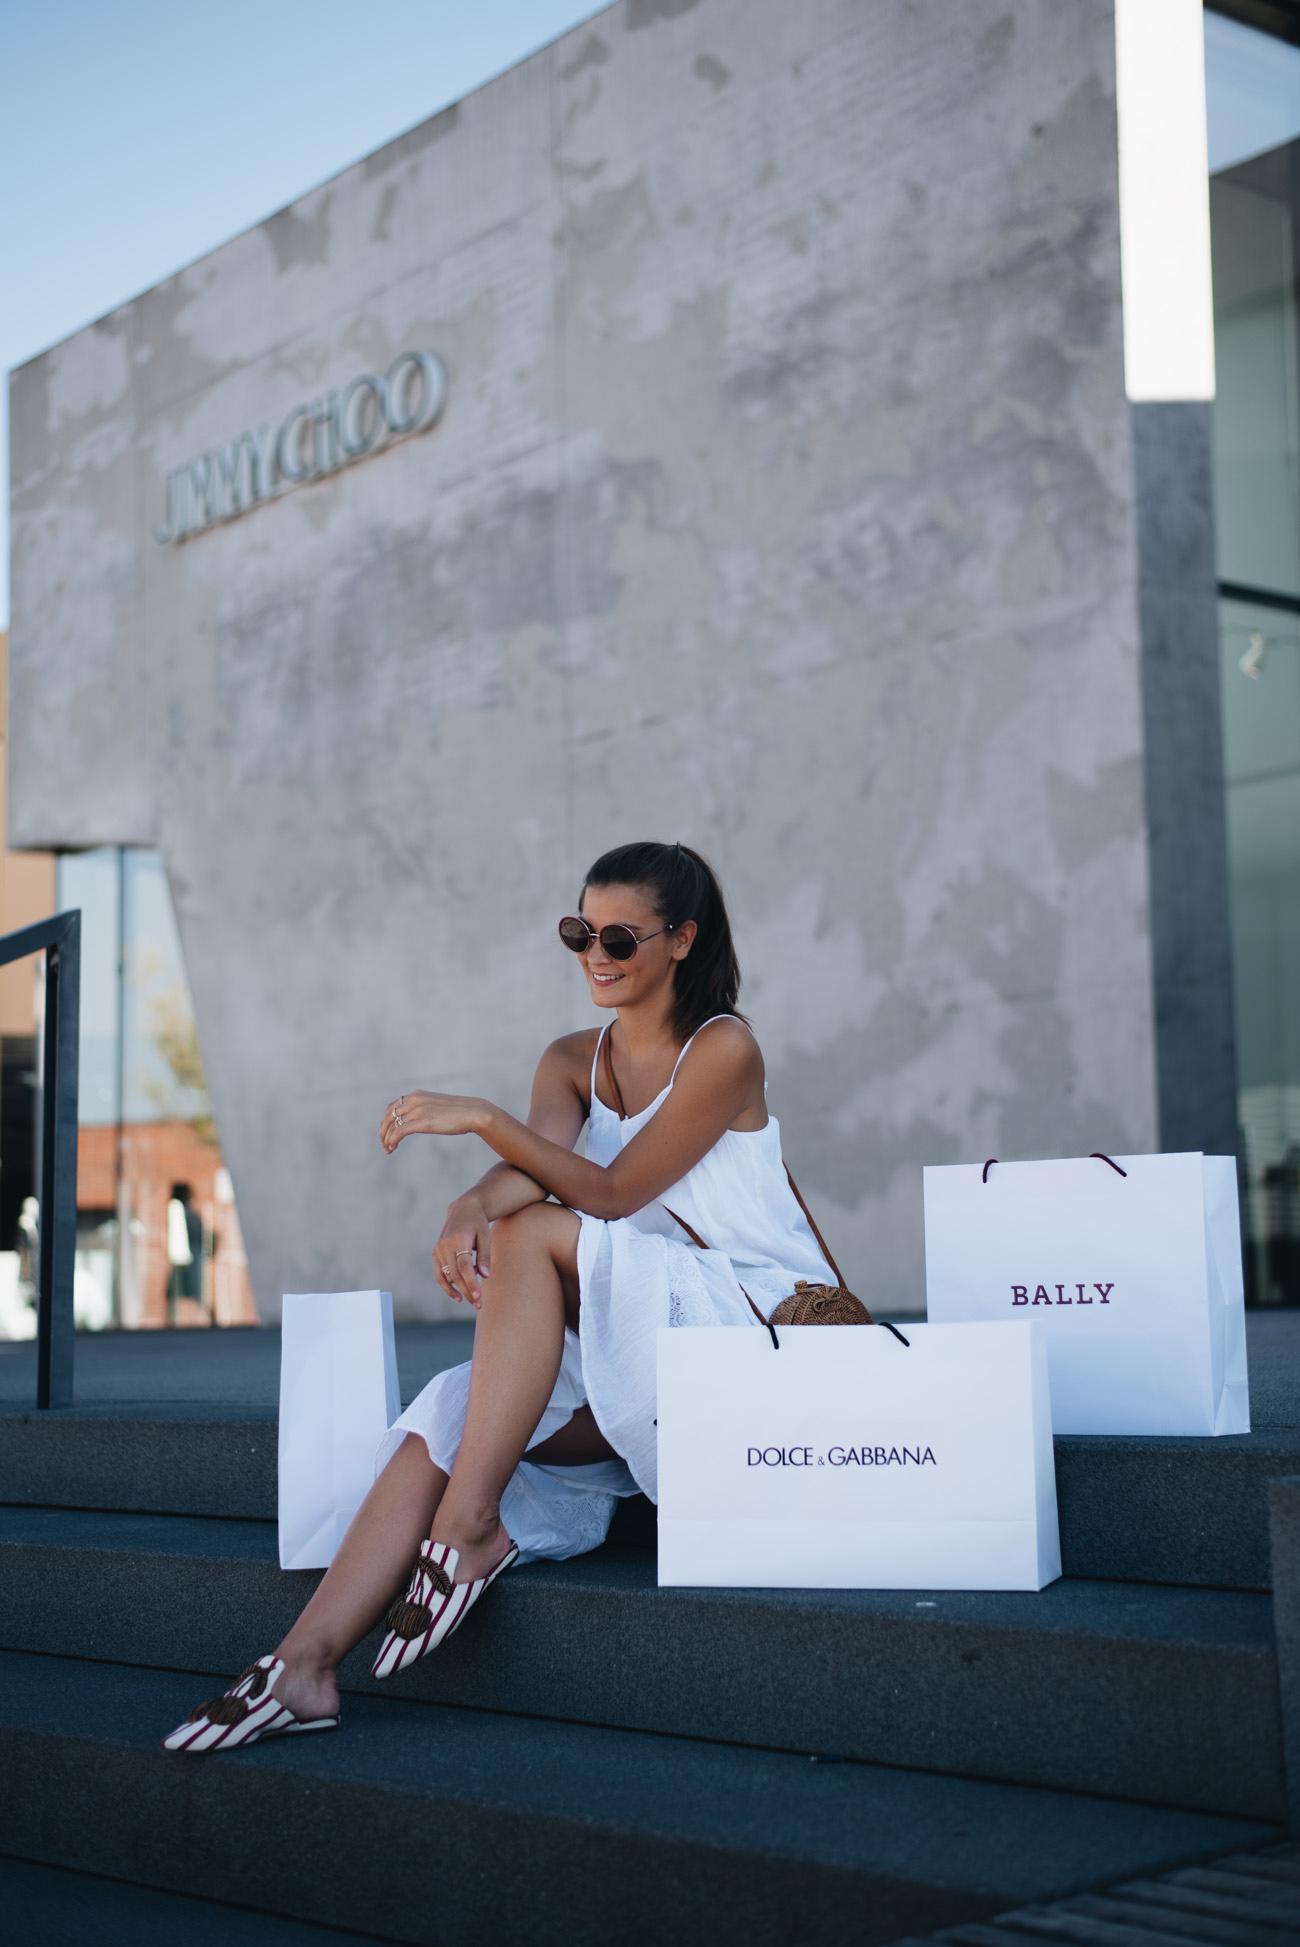 outletcity-metzingen-wochenend-einkaufen-in-designer-läden-dolce-&-gabbana-jimmy-choo-fashiioncarpet